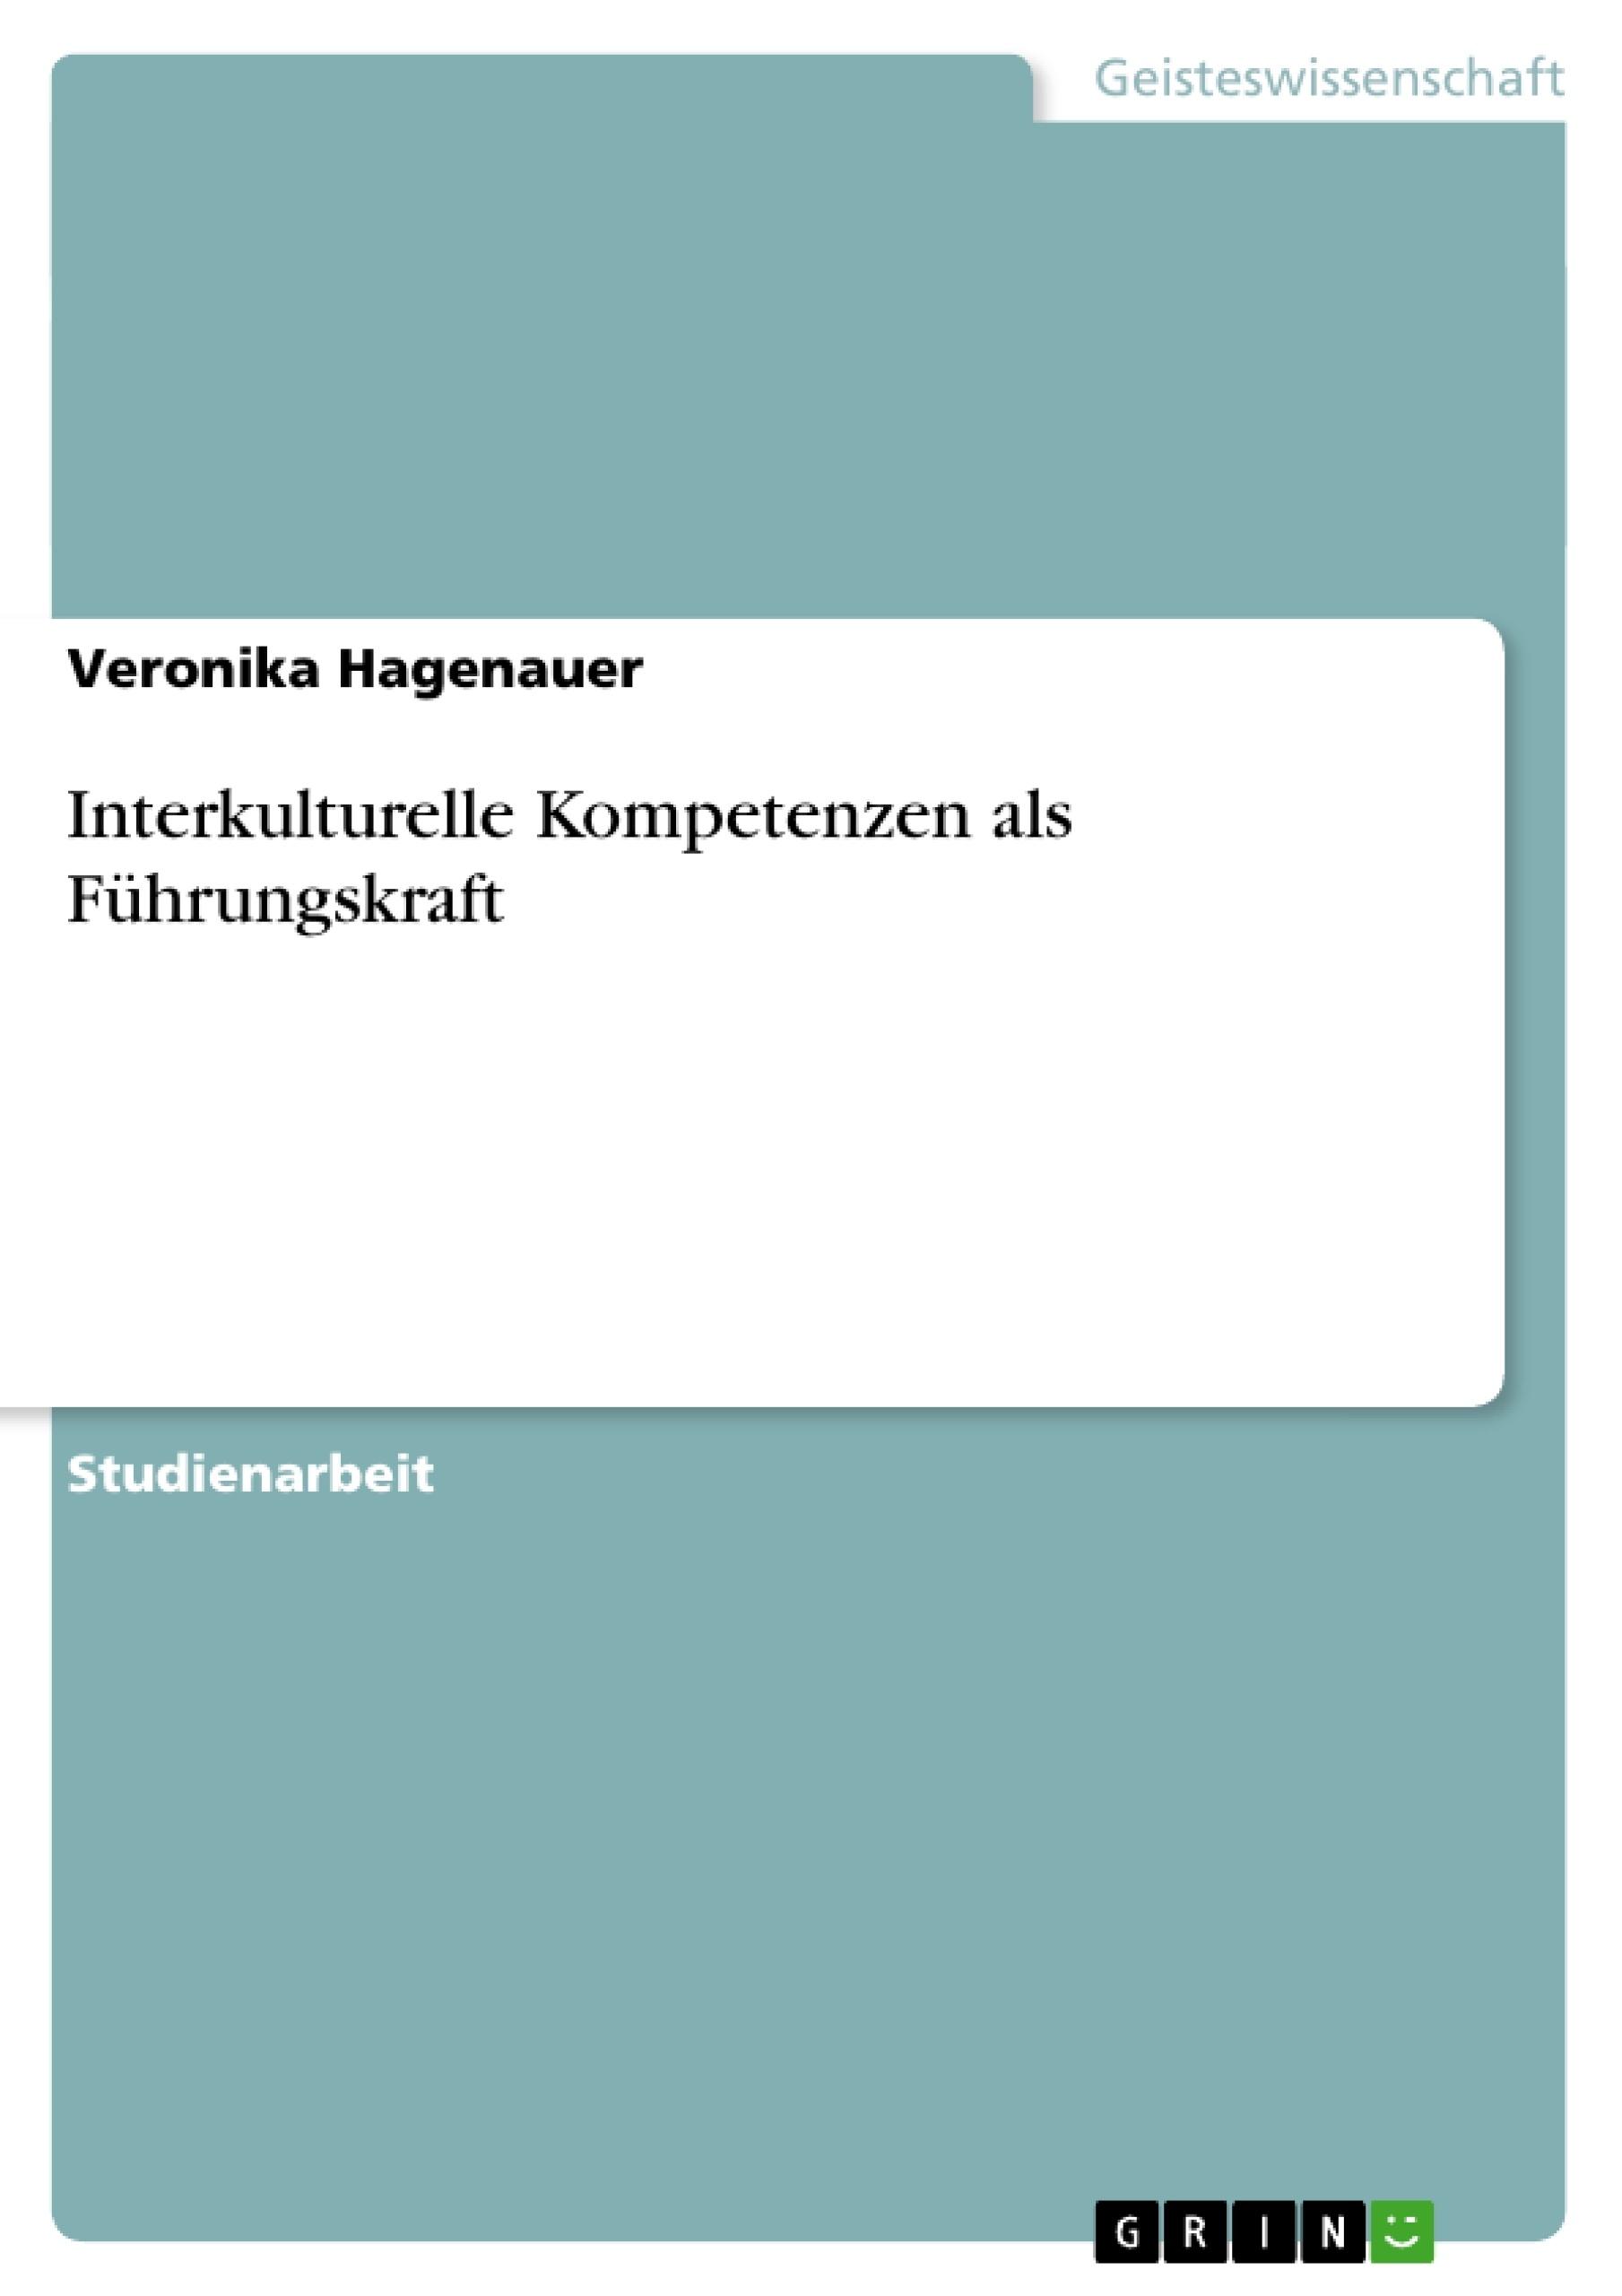 Titel: Interkulturelle Kompetenzen als Führungskraft